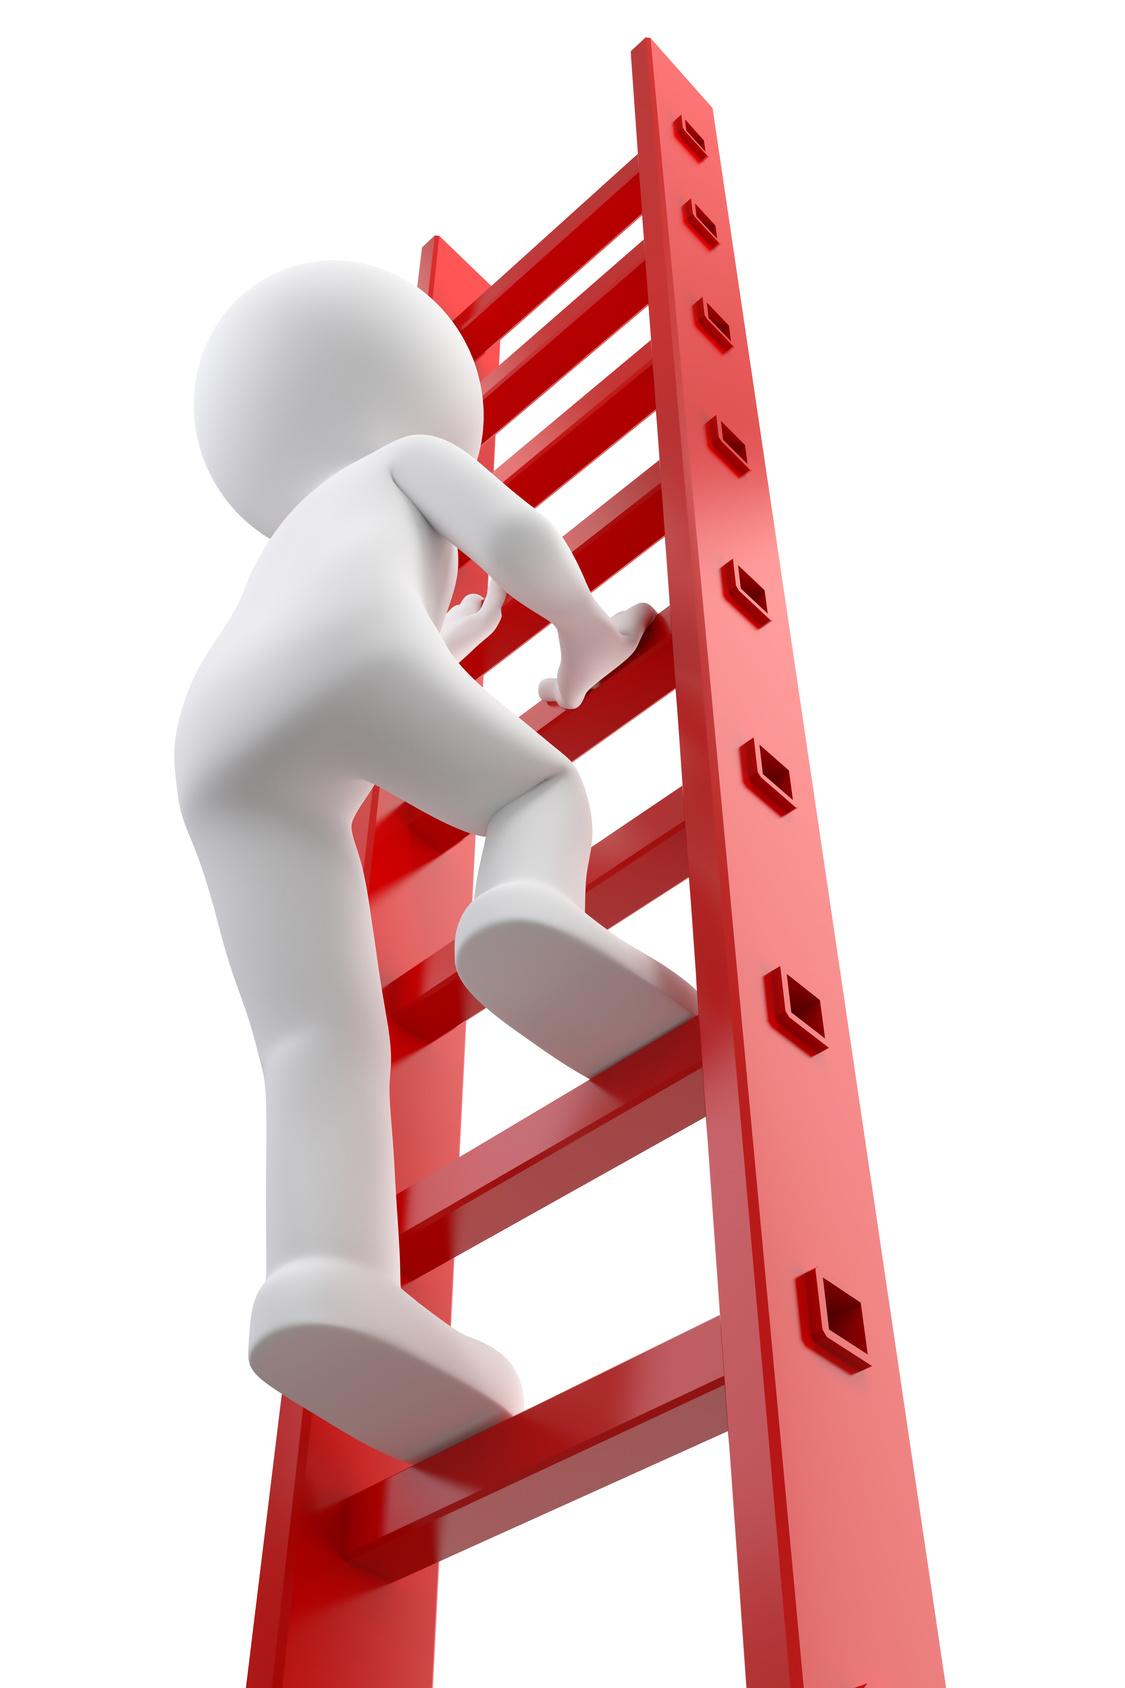 Projekt Ihrer Treppe gemeinsam mit unserem Architekten zu erstellen.